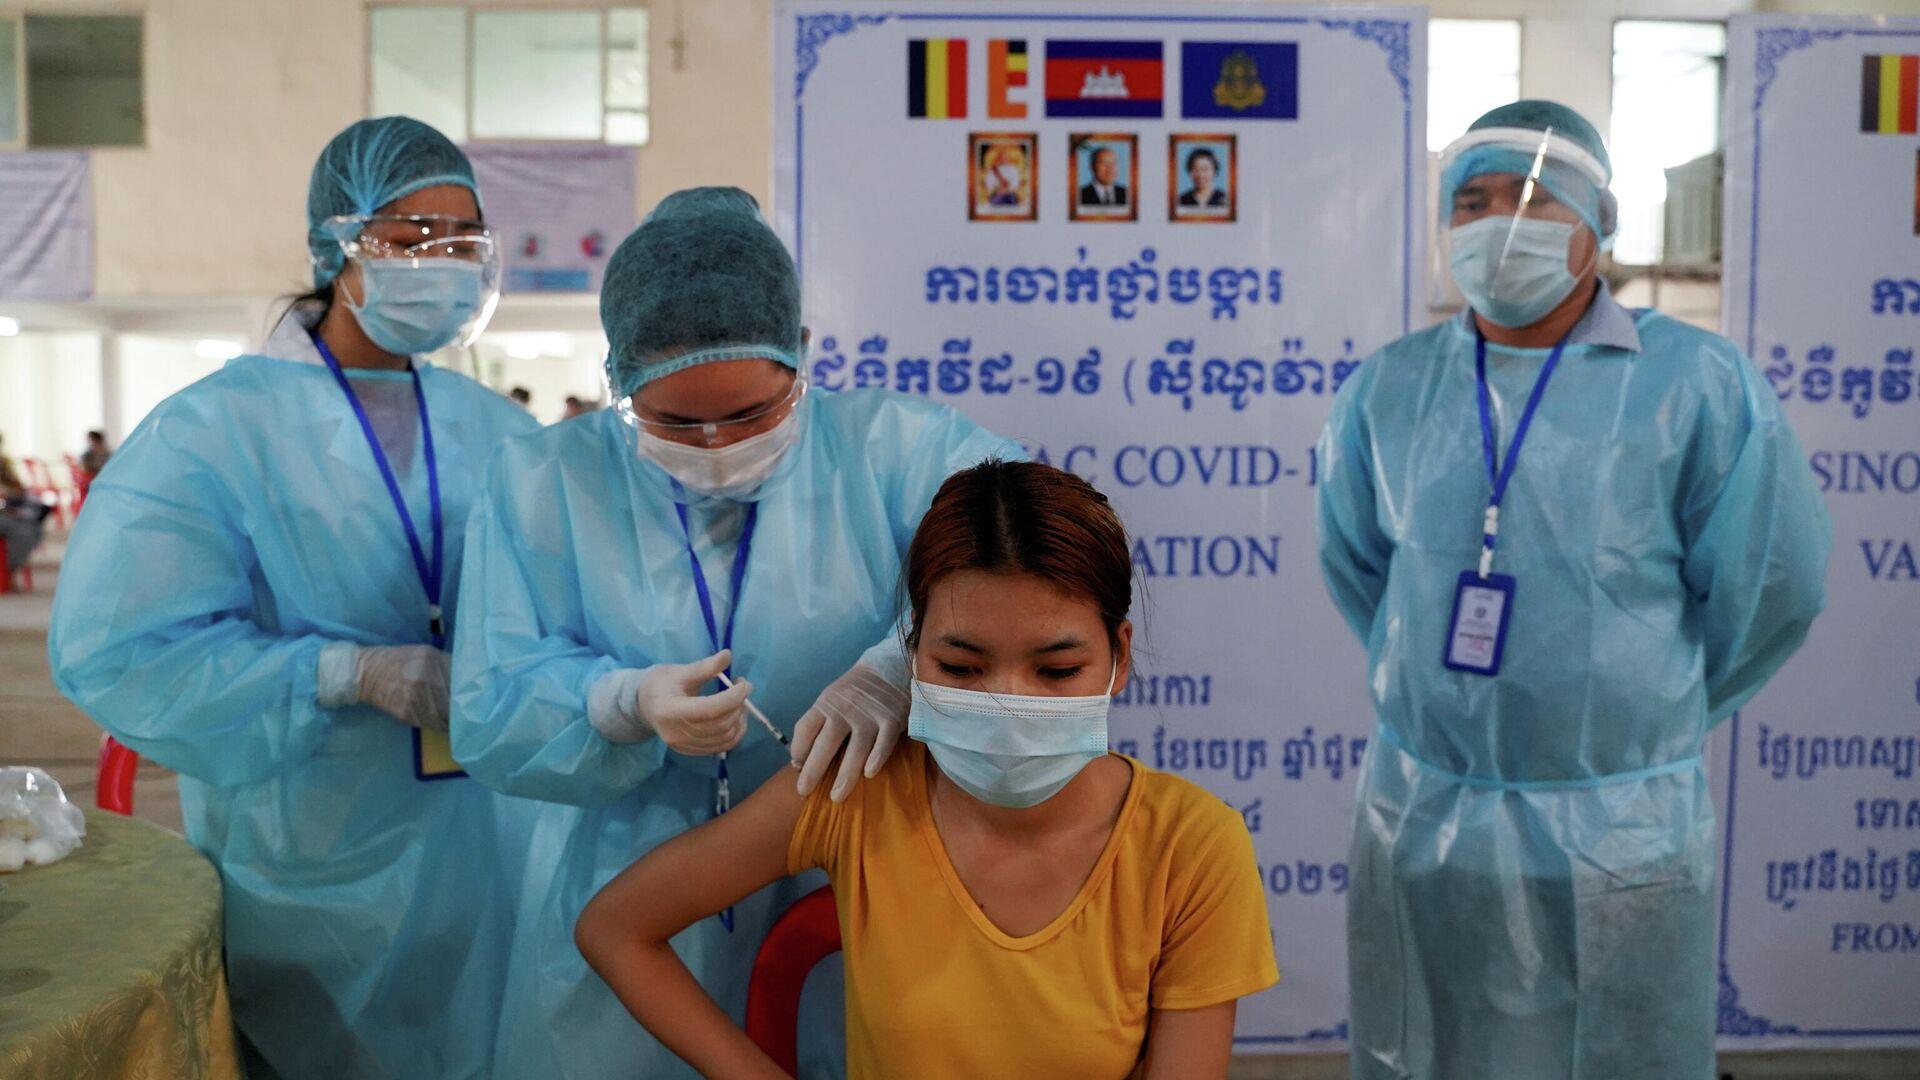 Vacunación contra el COVID-19 en Camboya - Sputnik Mundo, 1920, 22.07.2021